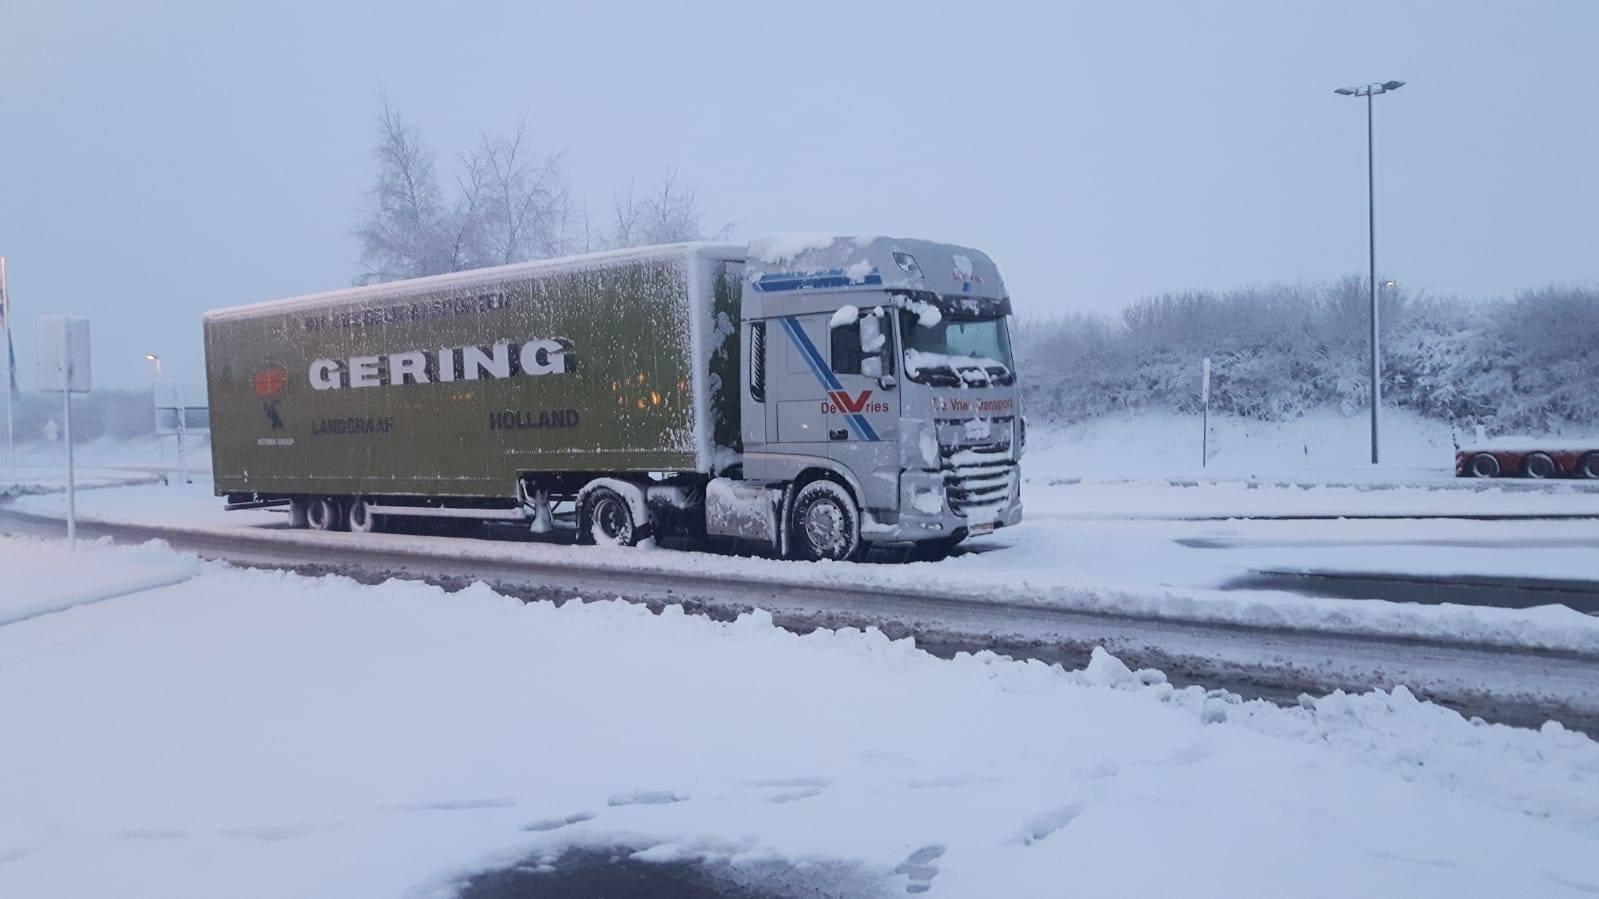 Sjef-in-de-sneeuw-10-1-2019-zuid-duitsland--2